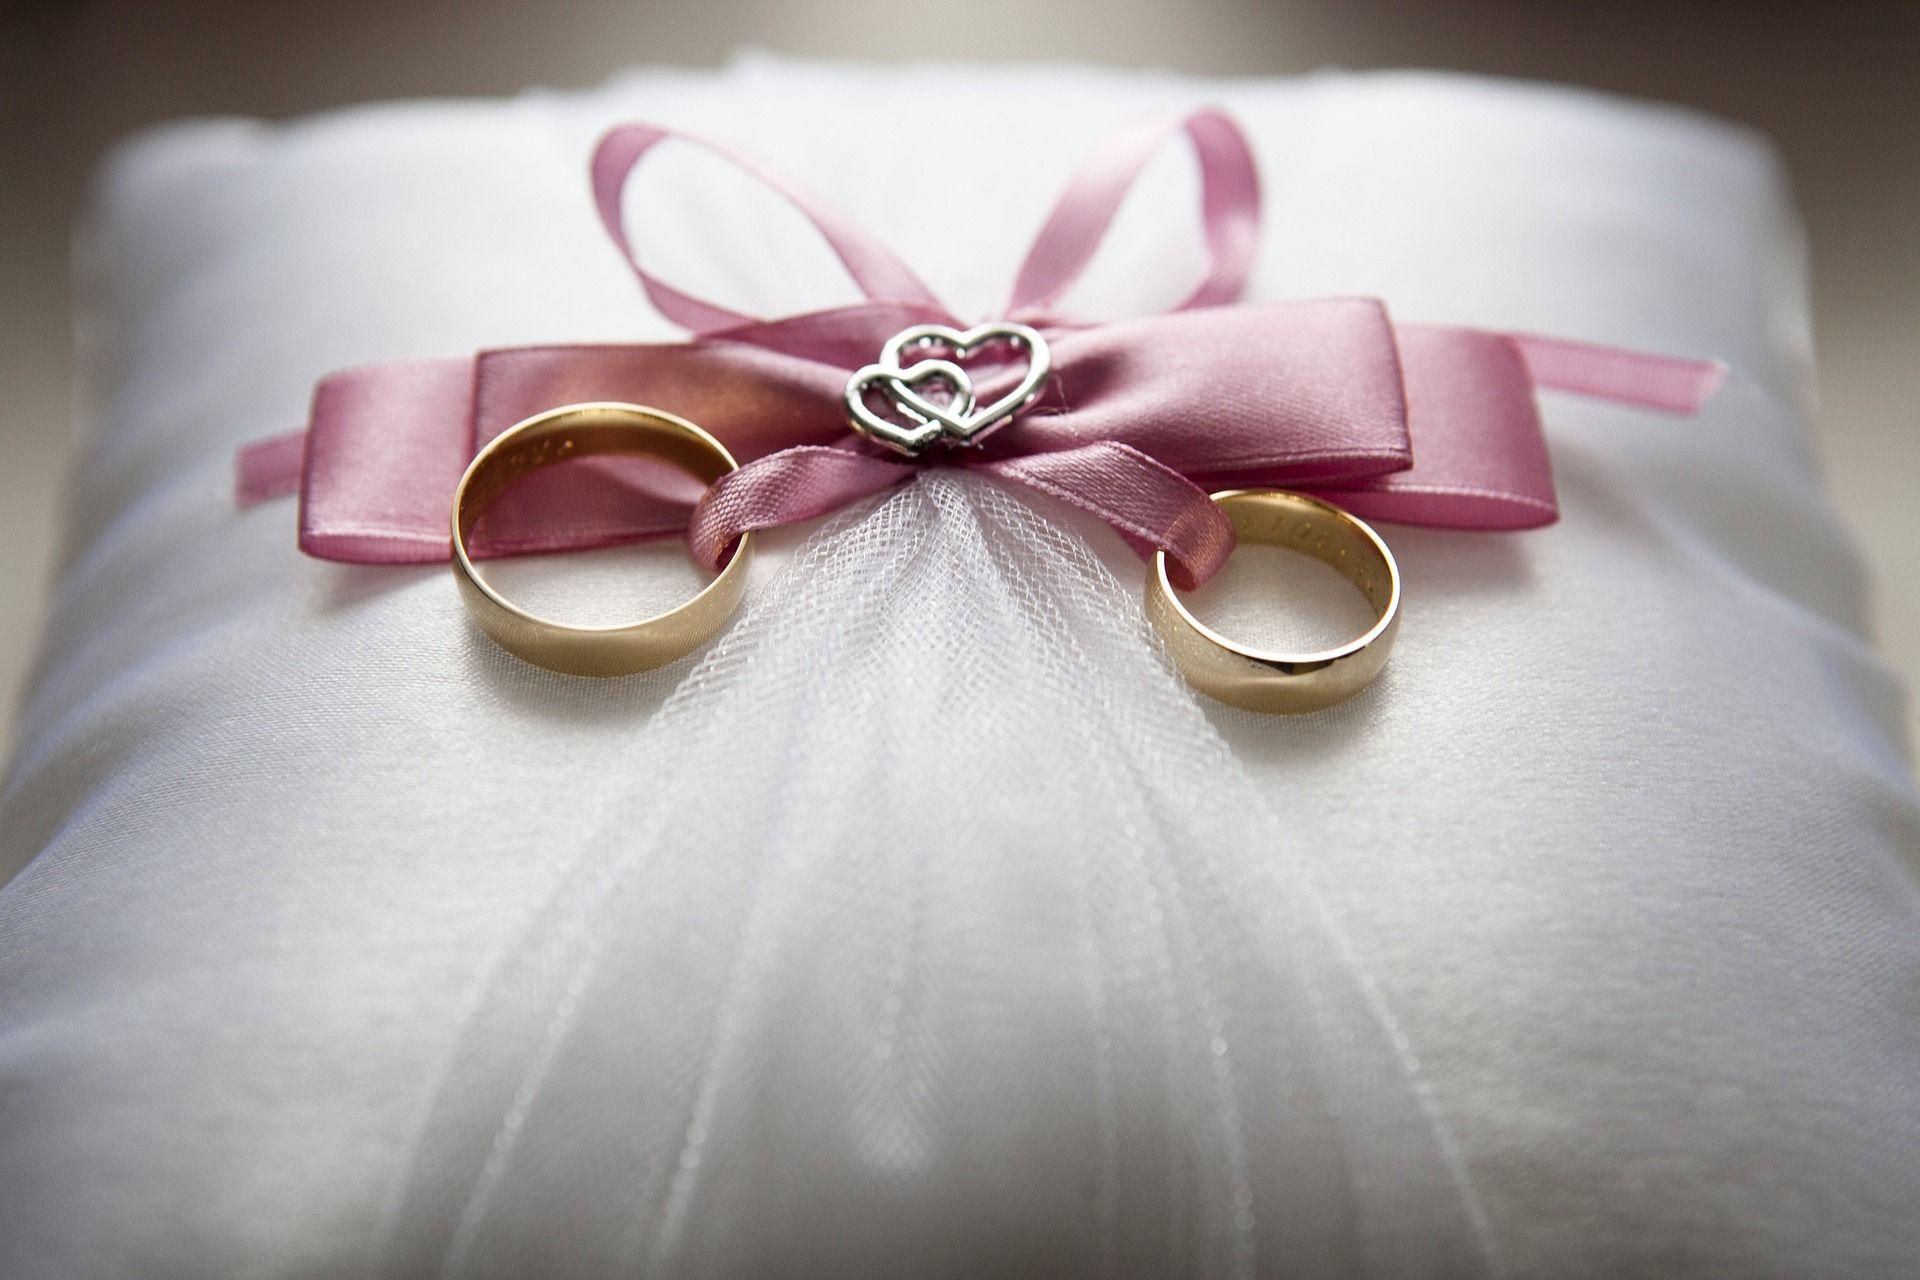 Jak wybrać obrączki ślubne i na co zwracać uwagę?